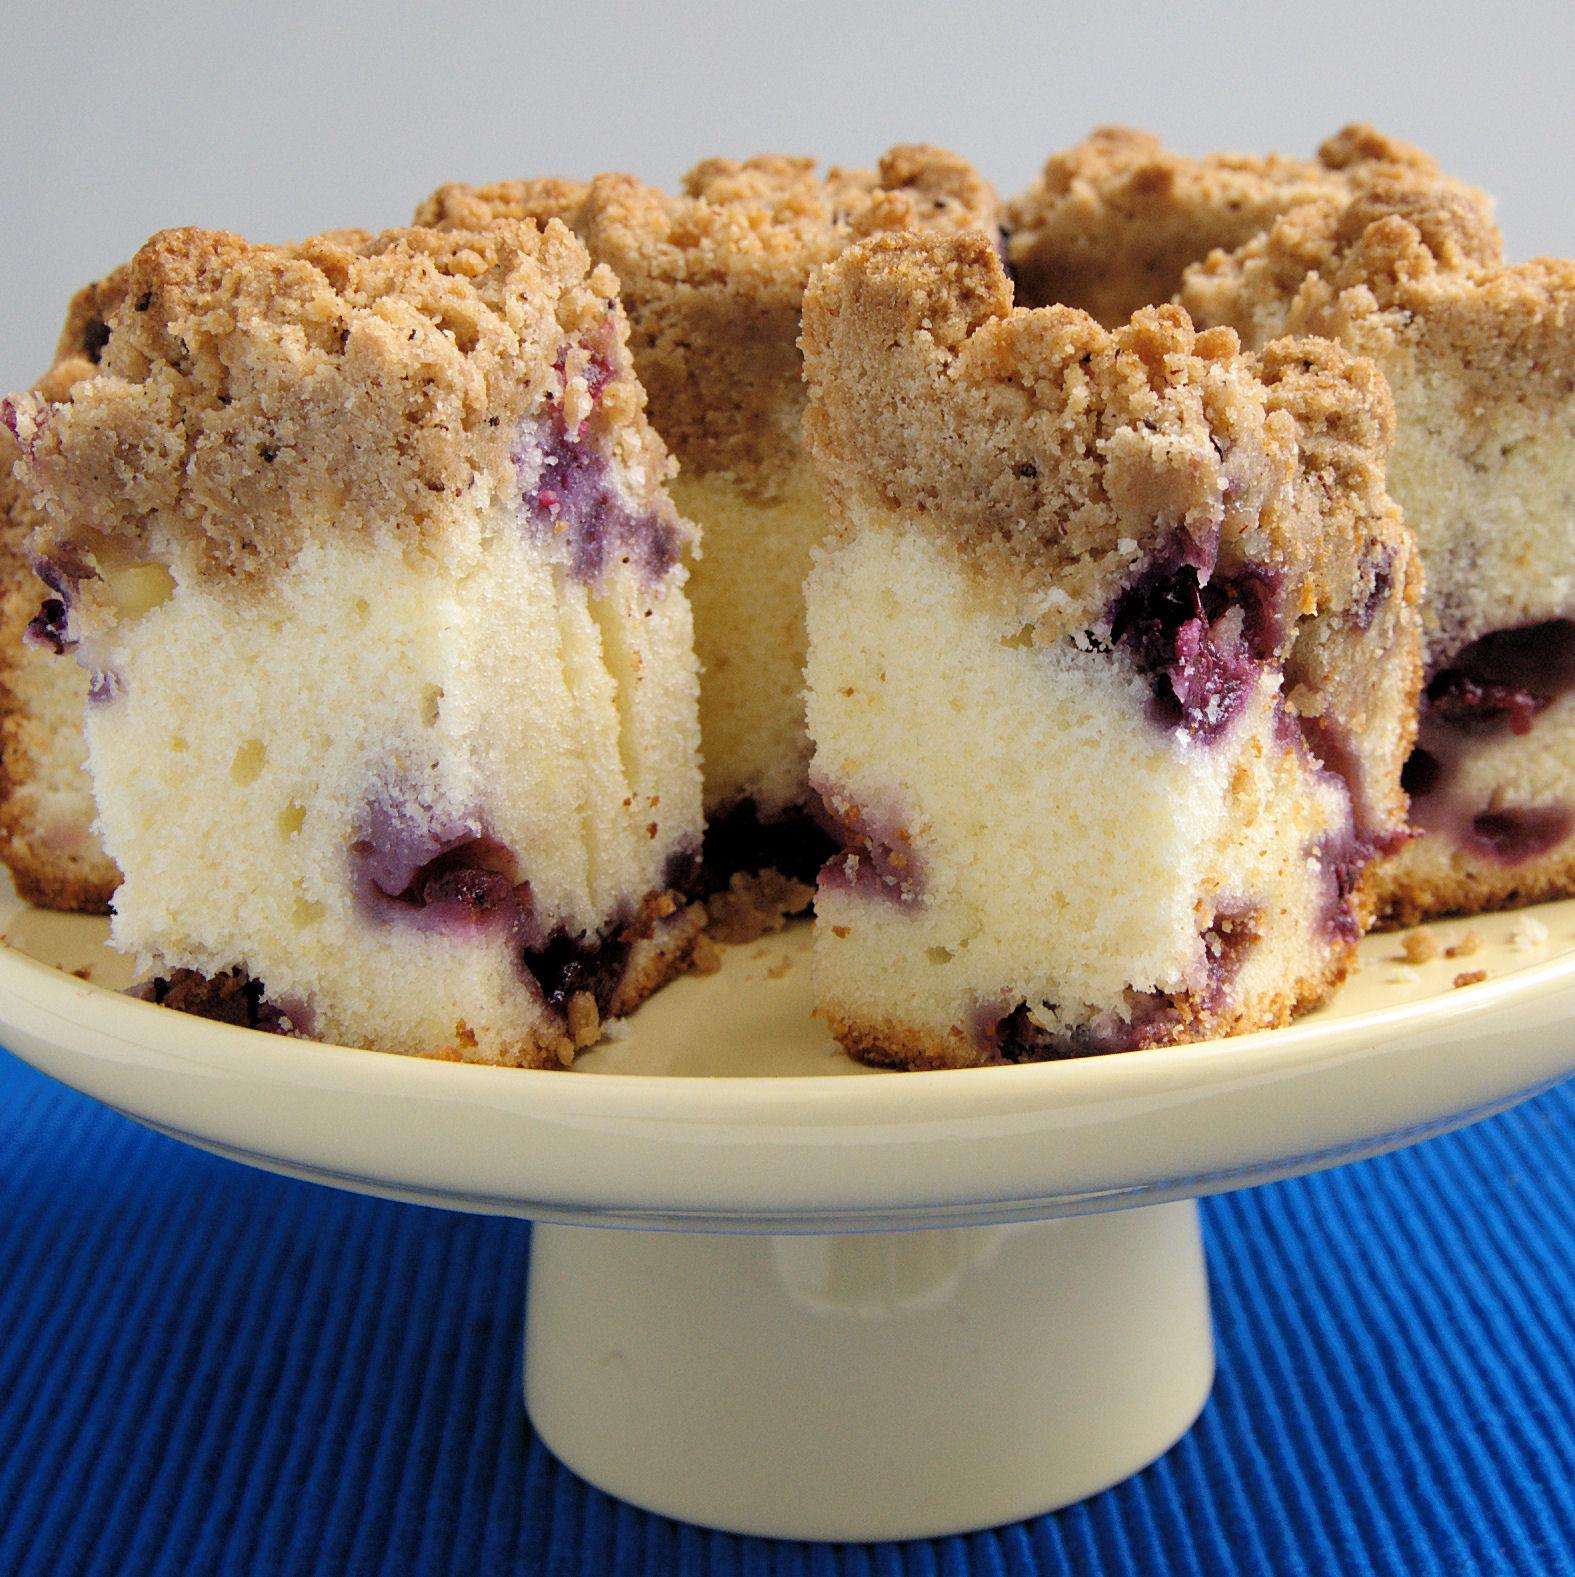 Crumbs Cake Art Facebook : Blueberry Crumb Cake - Baking Sense